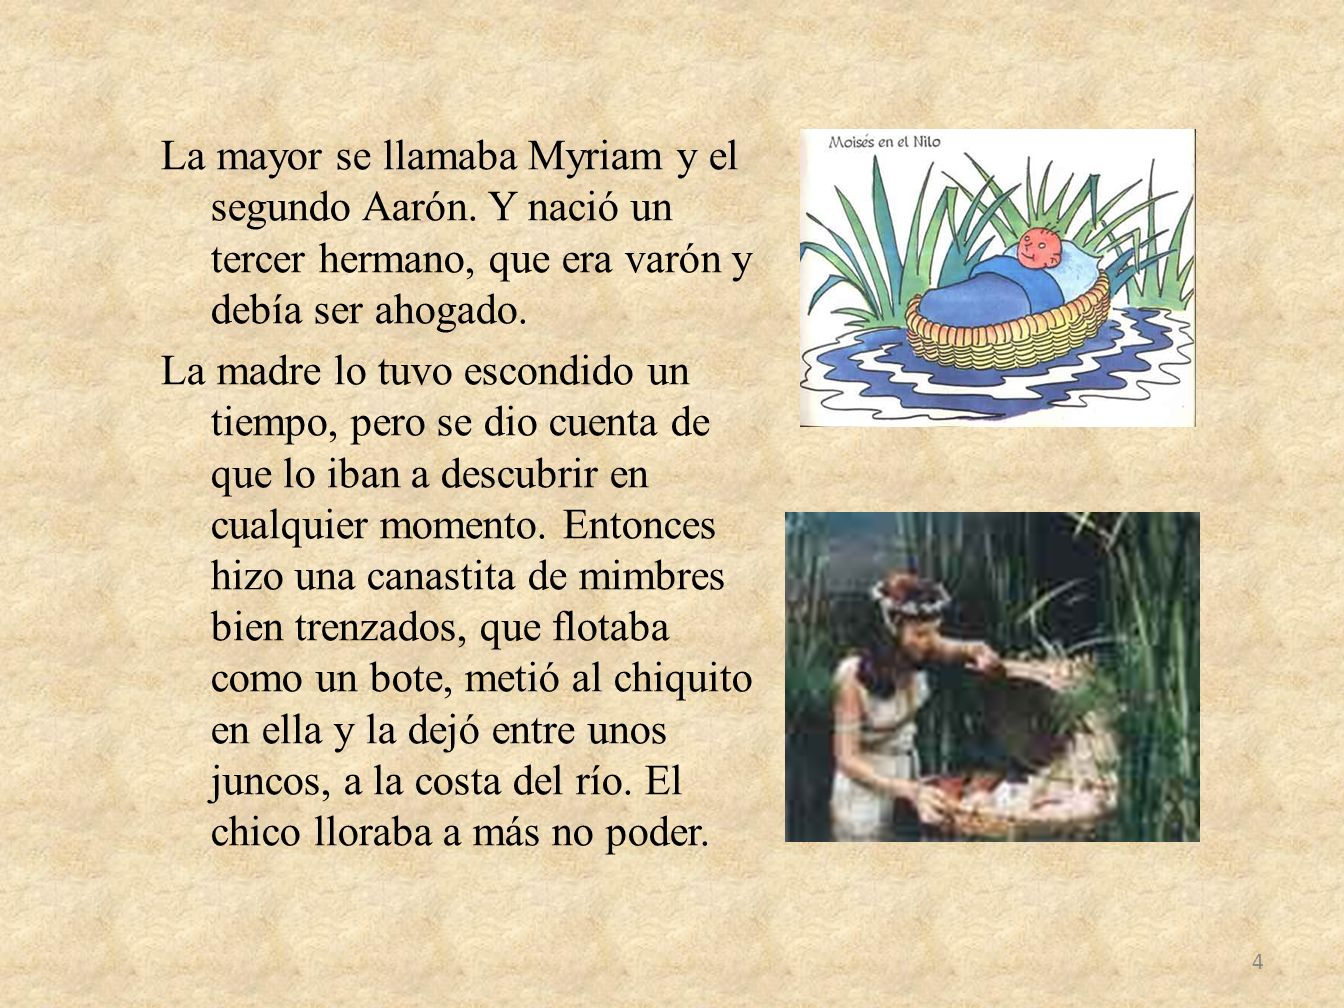 La mayor se llamaba Myriam y el segundo Aarón. Y nació un tercer hermano, que era varón y debía ser ahogado. La madre lo tuvo escondido un tiempo, per